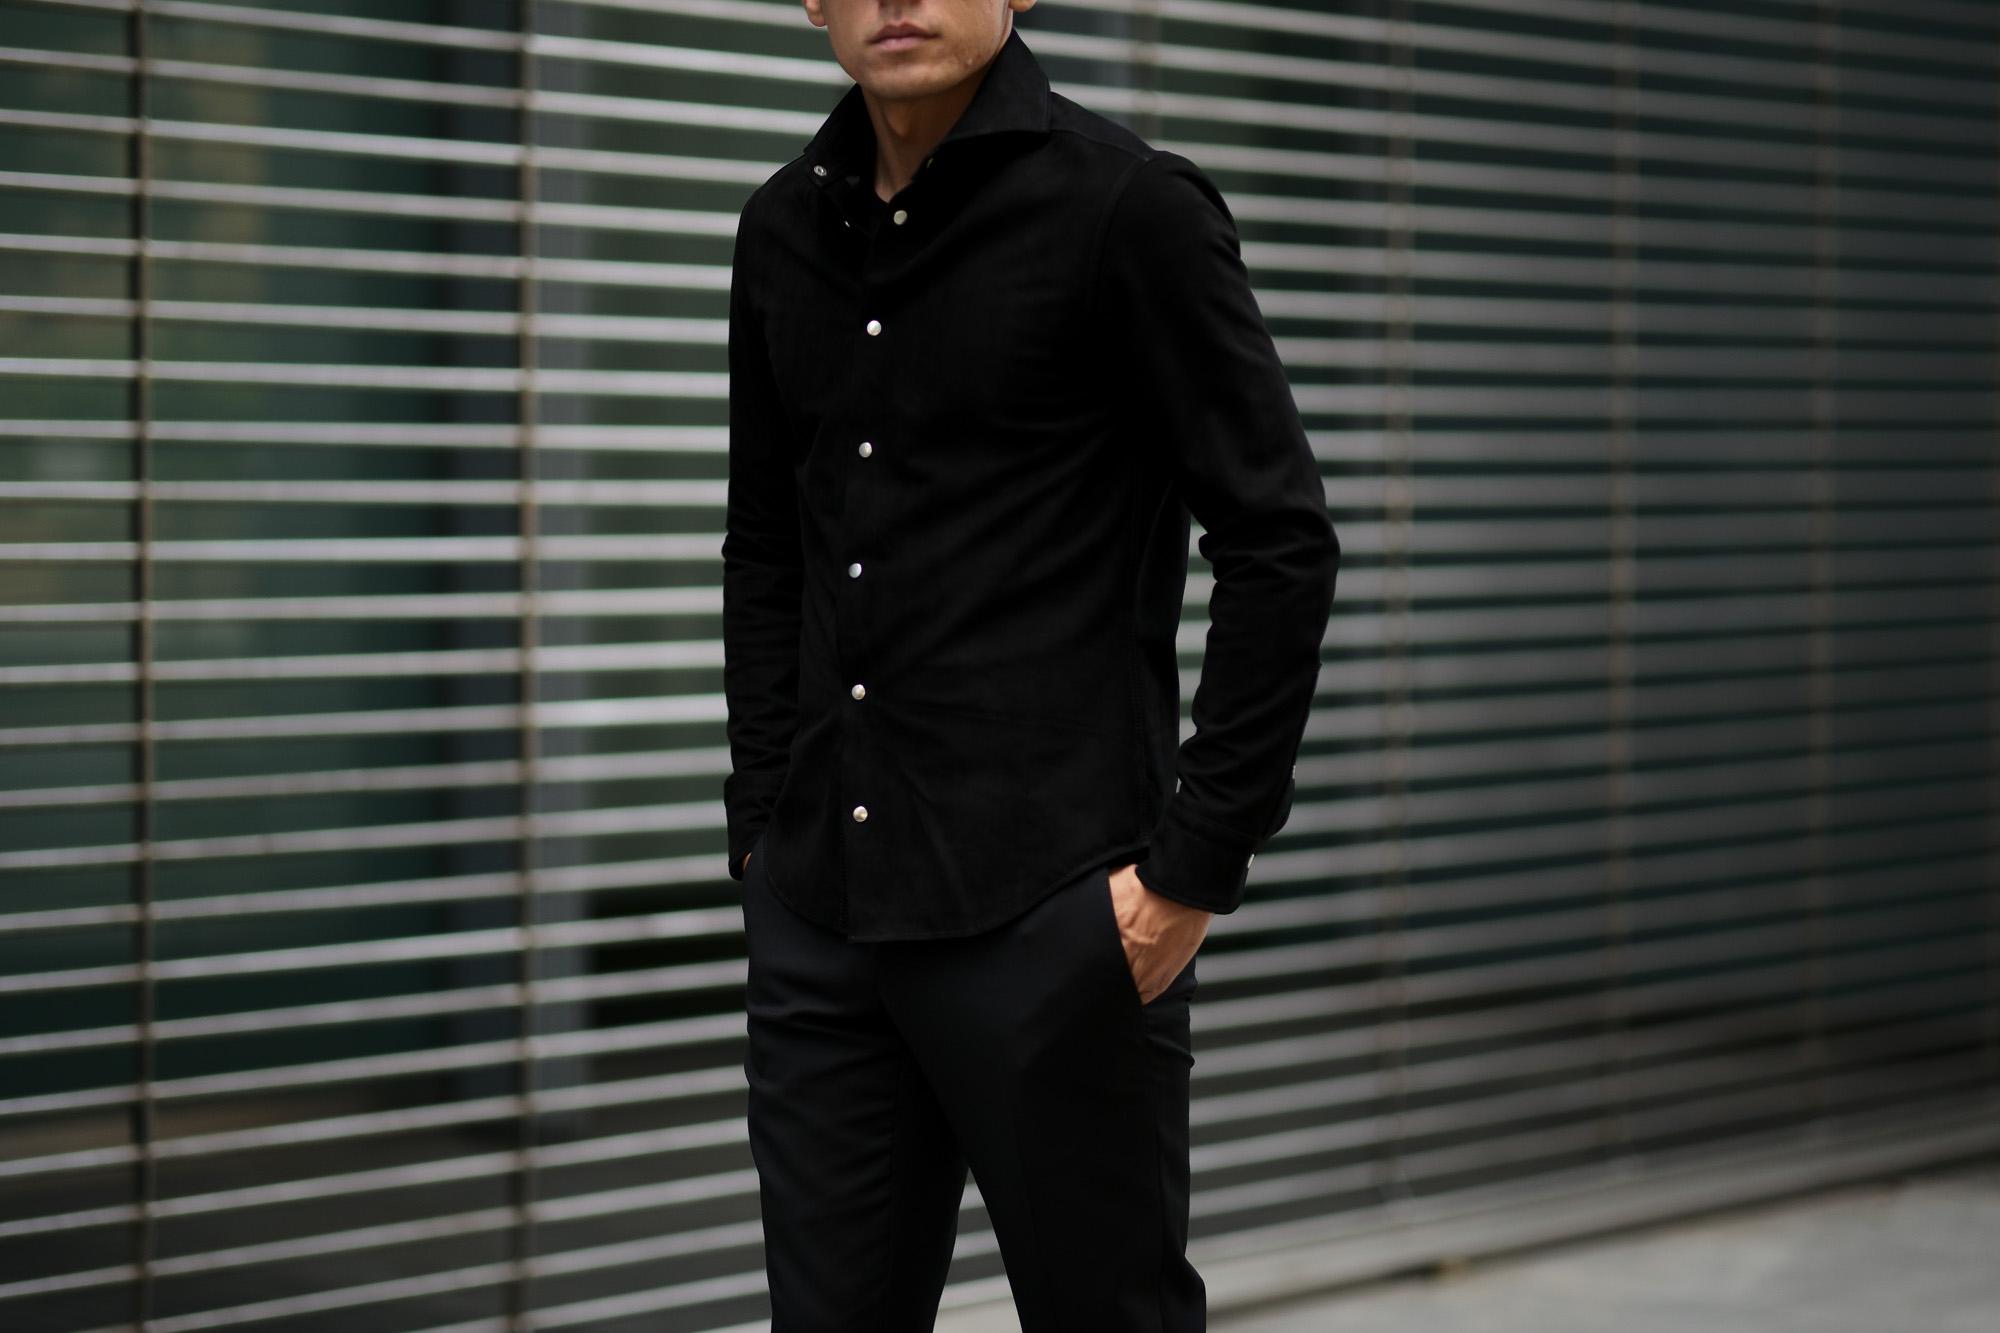 cuervo bopoha(クエルボ ヴァローナ) Satisfaction Leather Collection (サティスファクション レザー コレクション) Noel (ノエル) COW HIDE NUBUCK カウハイド ヌバック レザーシャツ BLACK (ブラック) MADE IN JAPAN (日本製) 2019 秋冬 愛知 名古屋 altoediritto アルトエデリット